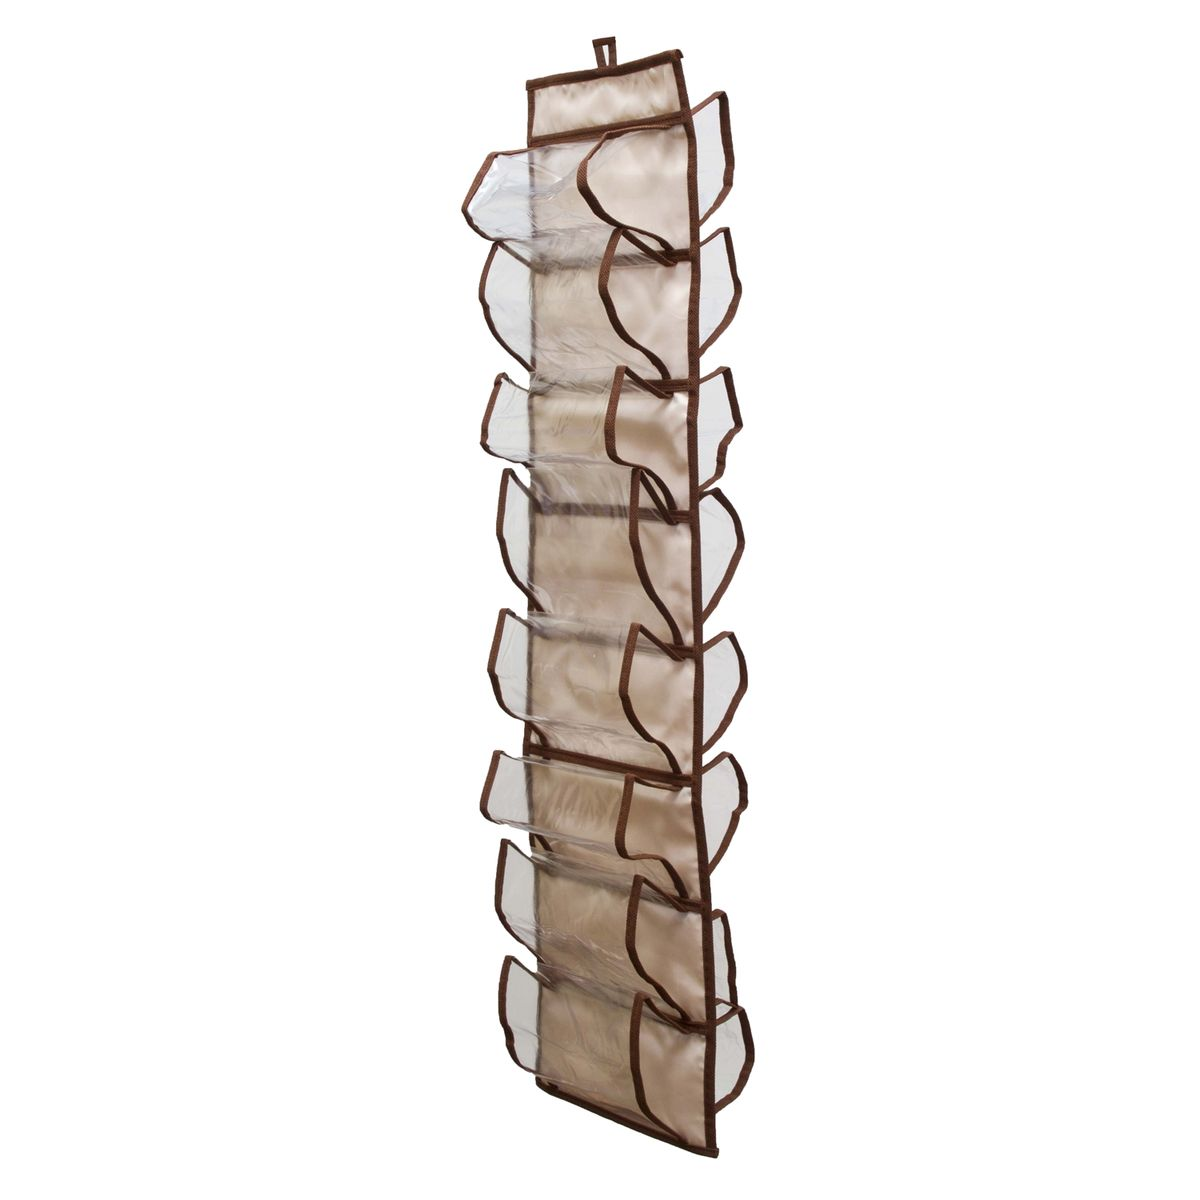 Органайзер для хранения шарфов и мелочей Homsu Bora-Bora, подвесной, 20 х 80 смU210DFПодвесной двусторонний органайзер для хранения Homsu Bora-Bora изготовлен из высококачественного нетканого материала (полиэстер). Изделие позволяет сохранить естественную вентиляцию, а воздуху свободно проникать внутрь, не пропуская пыль. Органайзер оснащен 16 раздельными секциями. Идеально подходит для хранения разных мелочей в шкафу. Мобильность конструкции обеспечивает складывание и раскладывание одним движением. Размер органайзера: 20 х 80 см.